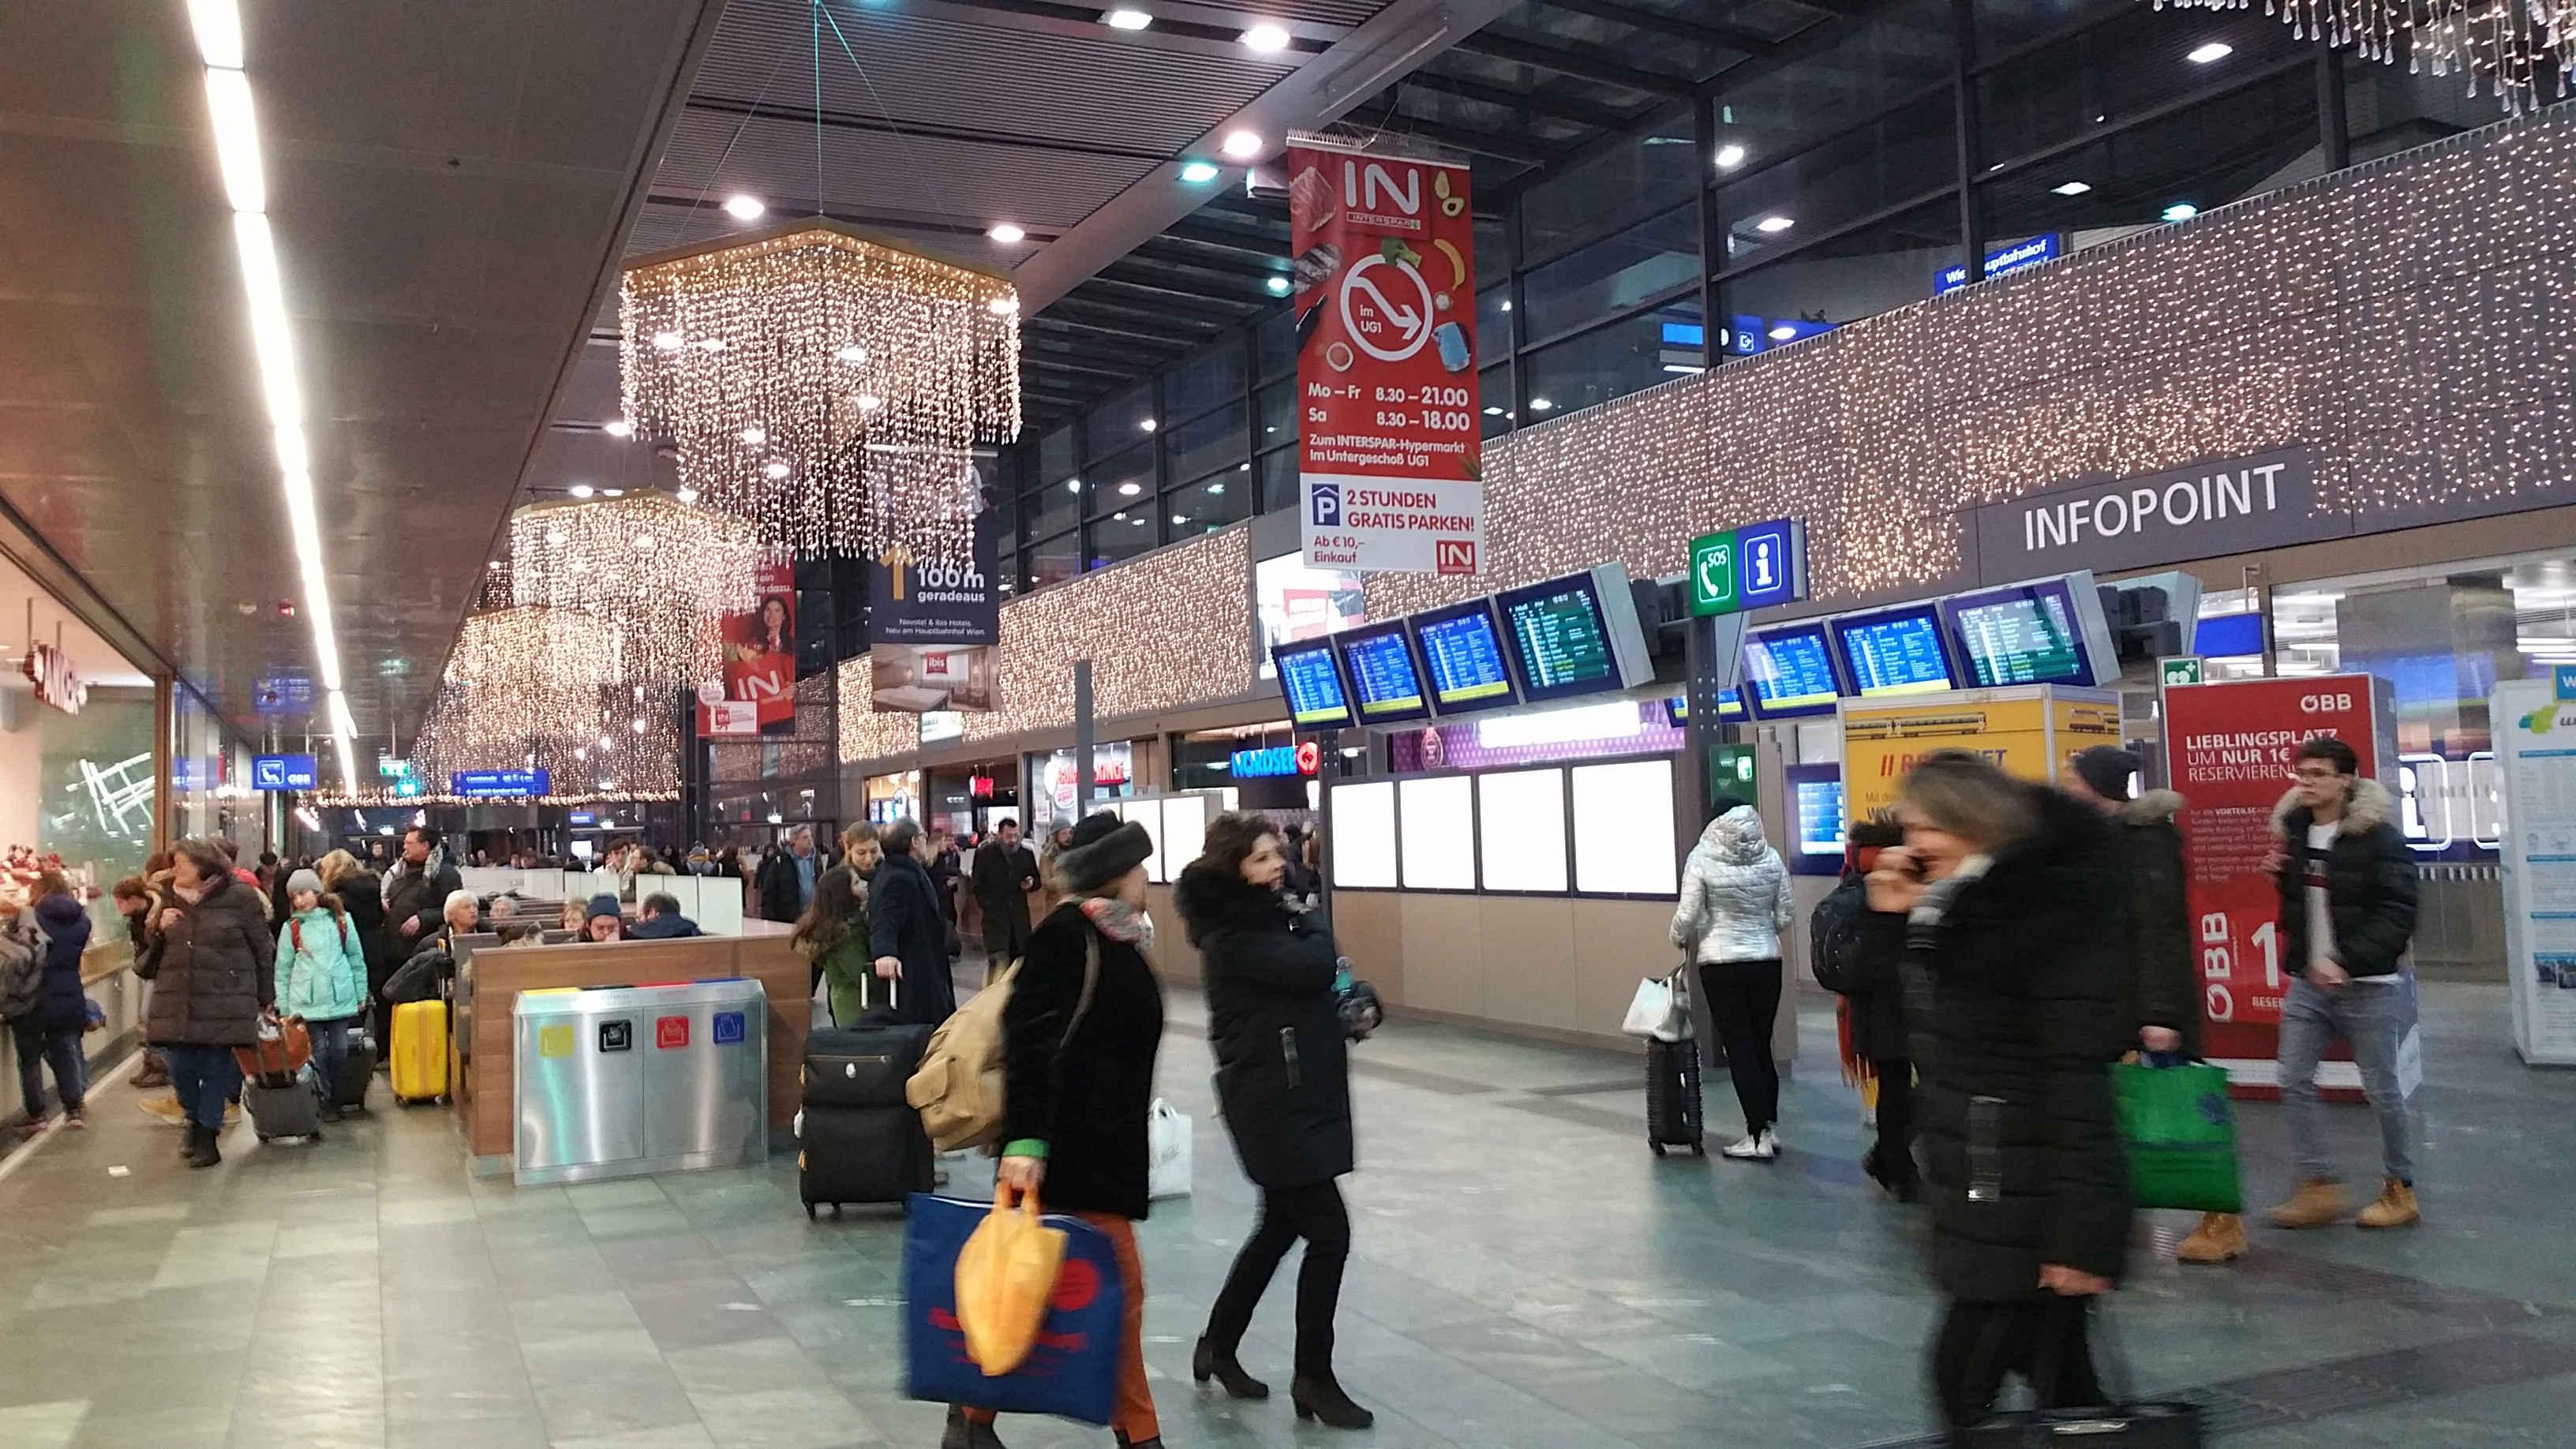 Pouliční osvětlení na nádraží ve Vídni